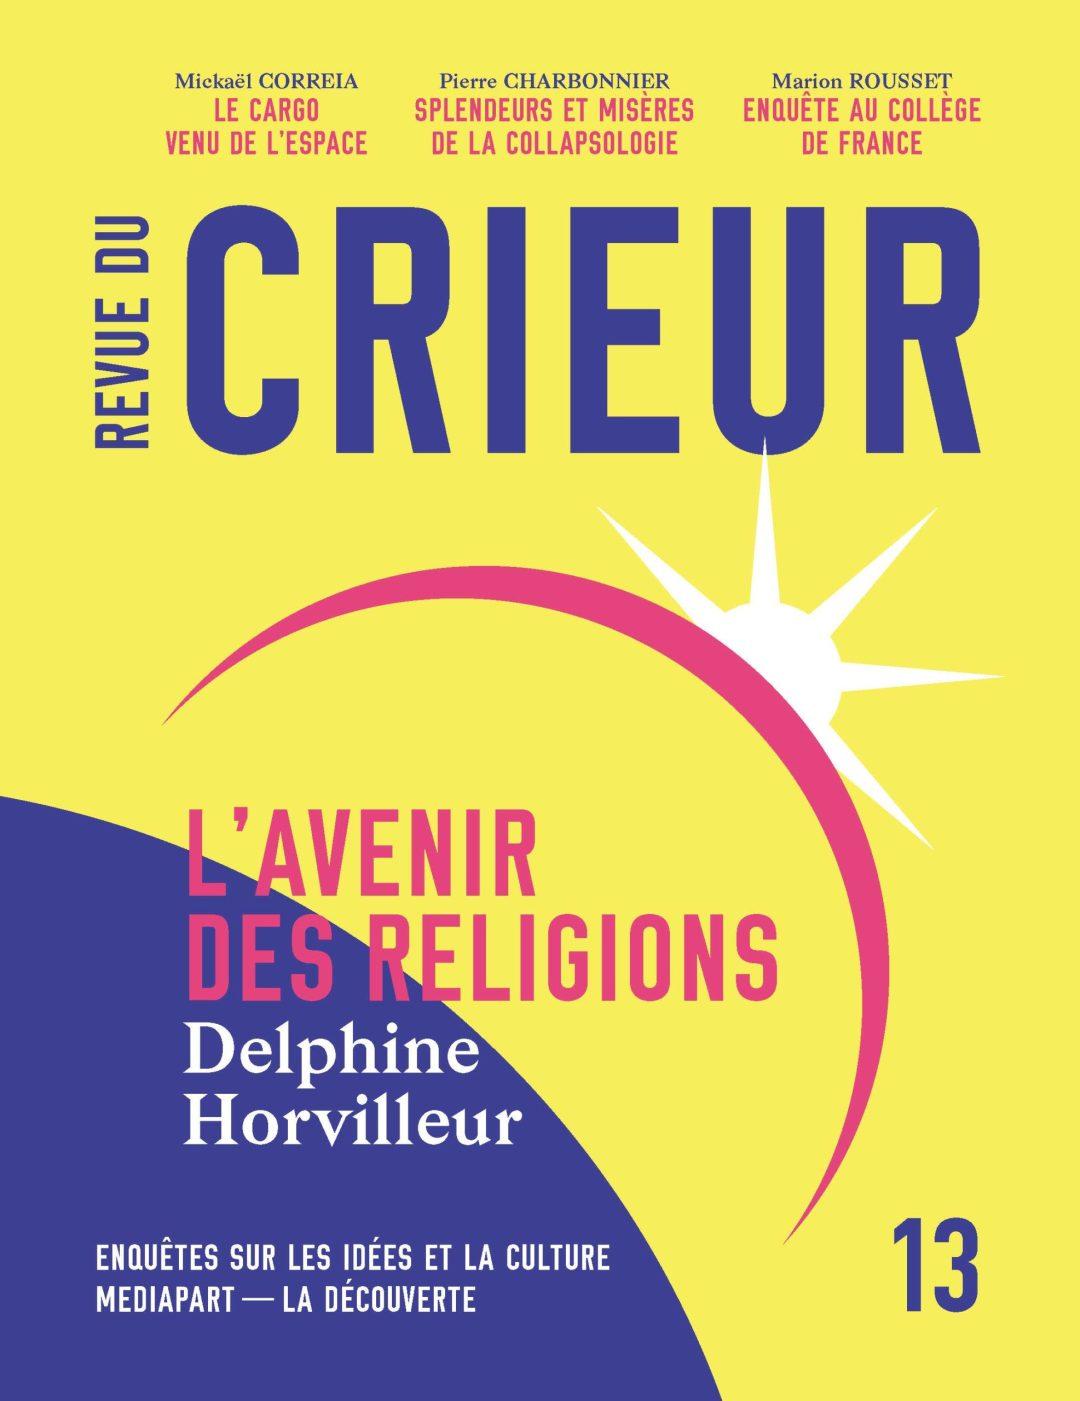 Revue du crieur Delphine Horvilleur